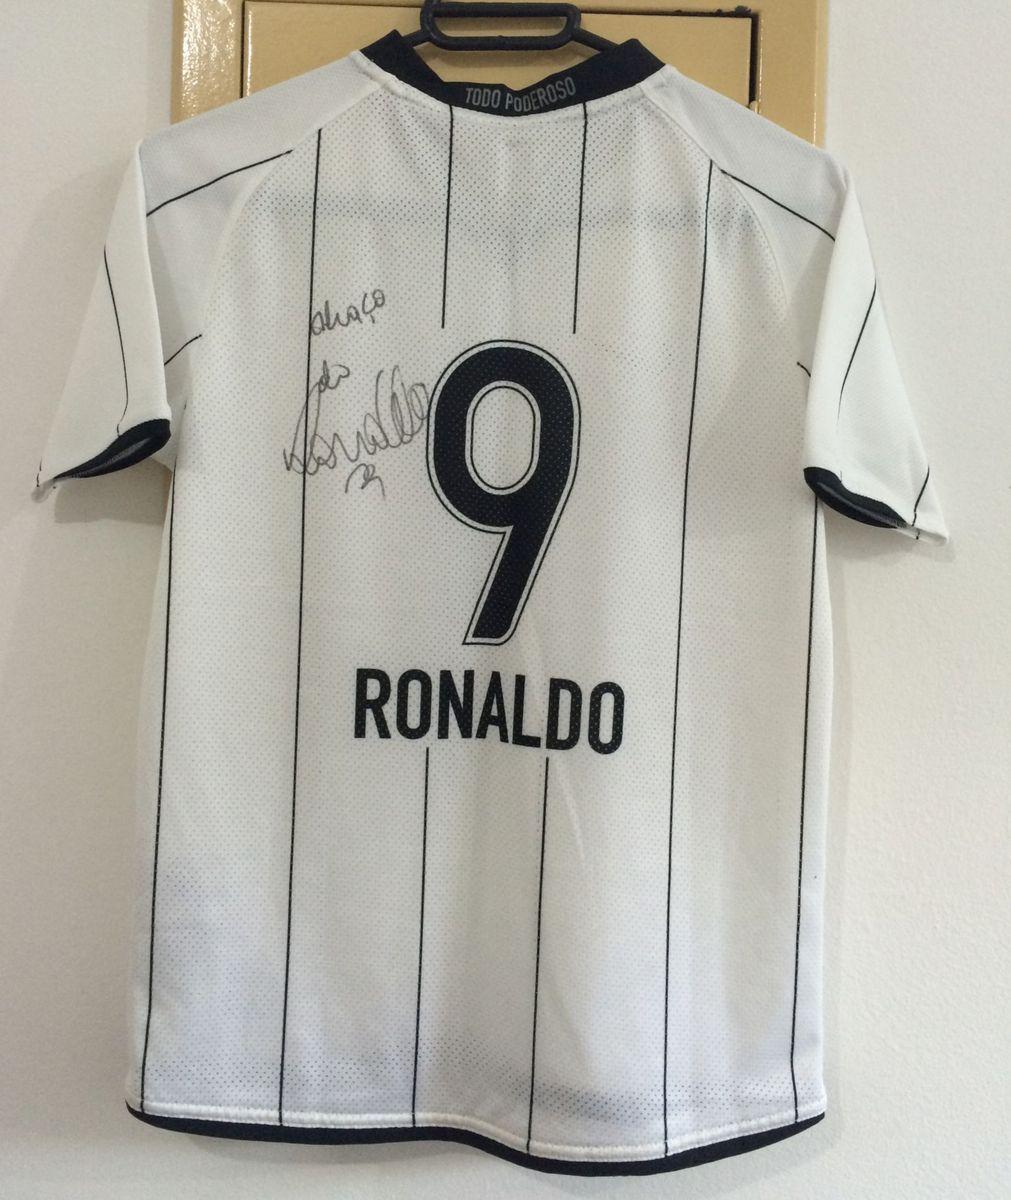 camisa do corinthians autografada pelo ronaldo r9 - camisetas nike 5871d8c883d81